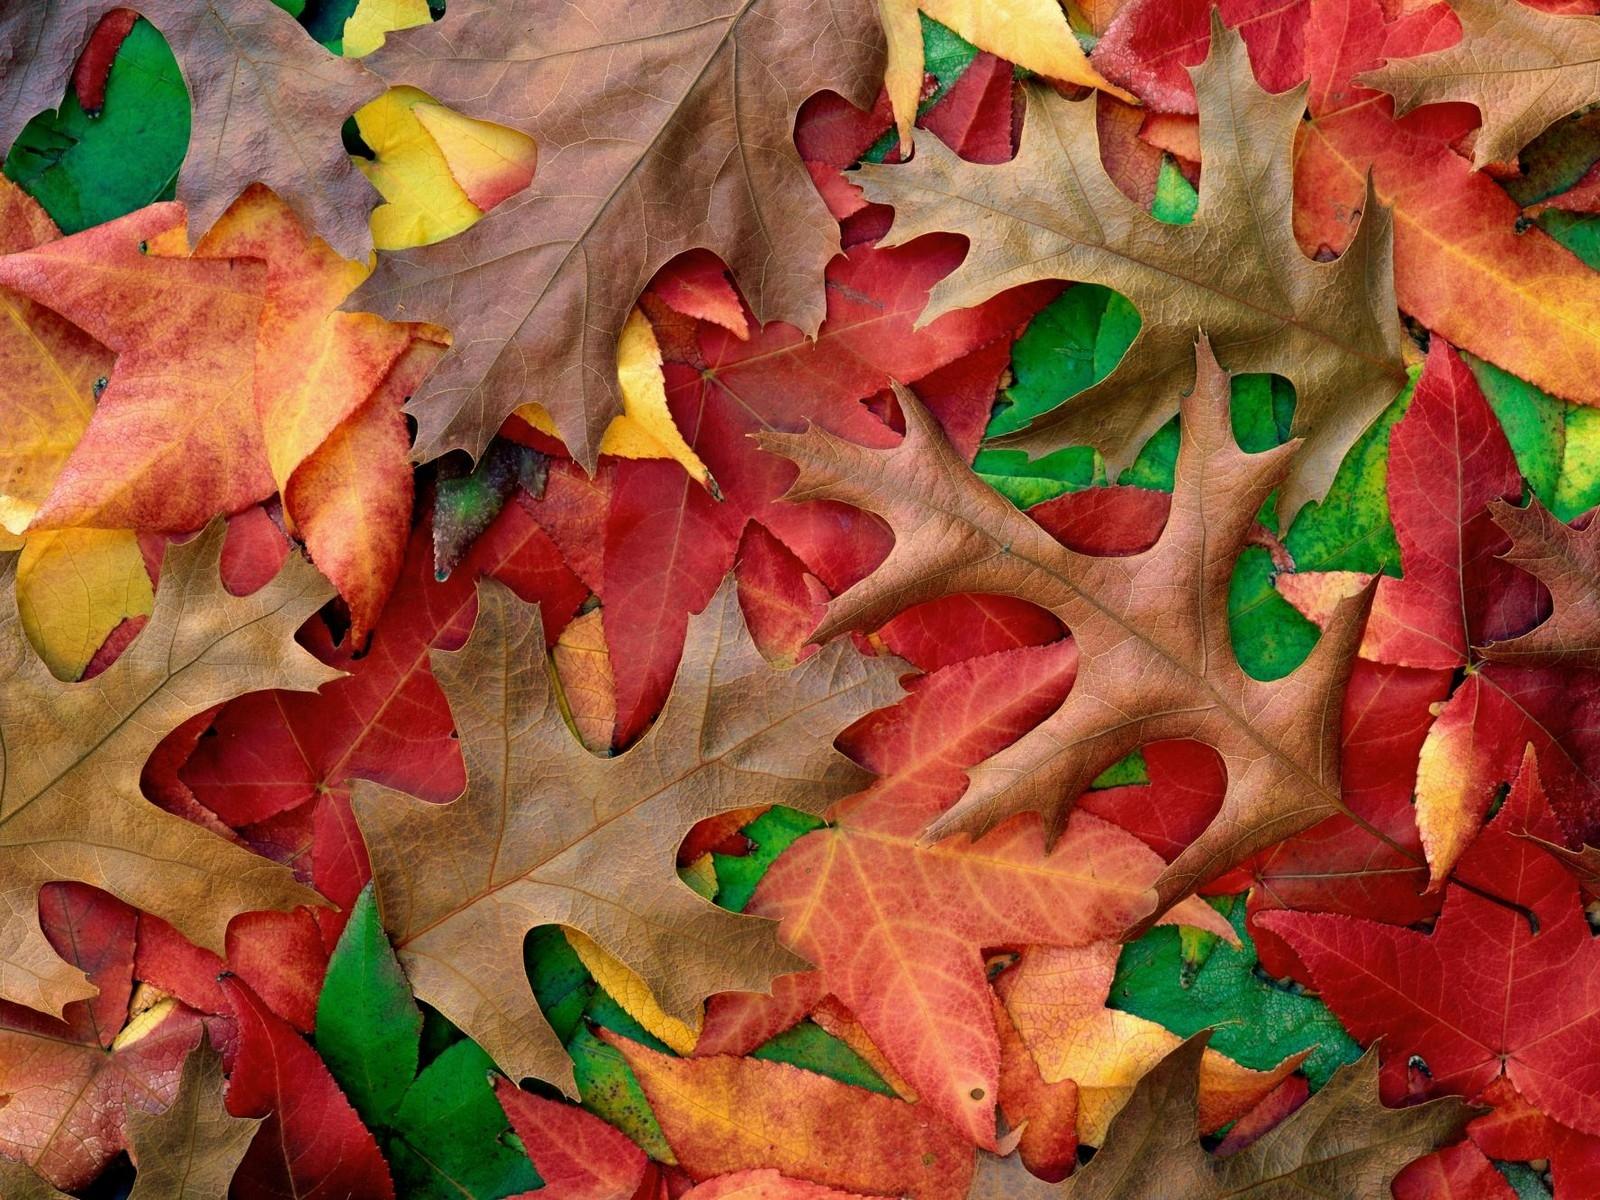 деревенского красивые картинки разных листьев группы